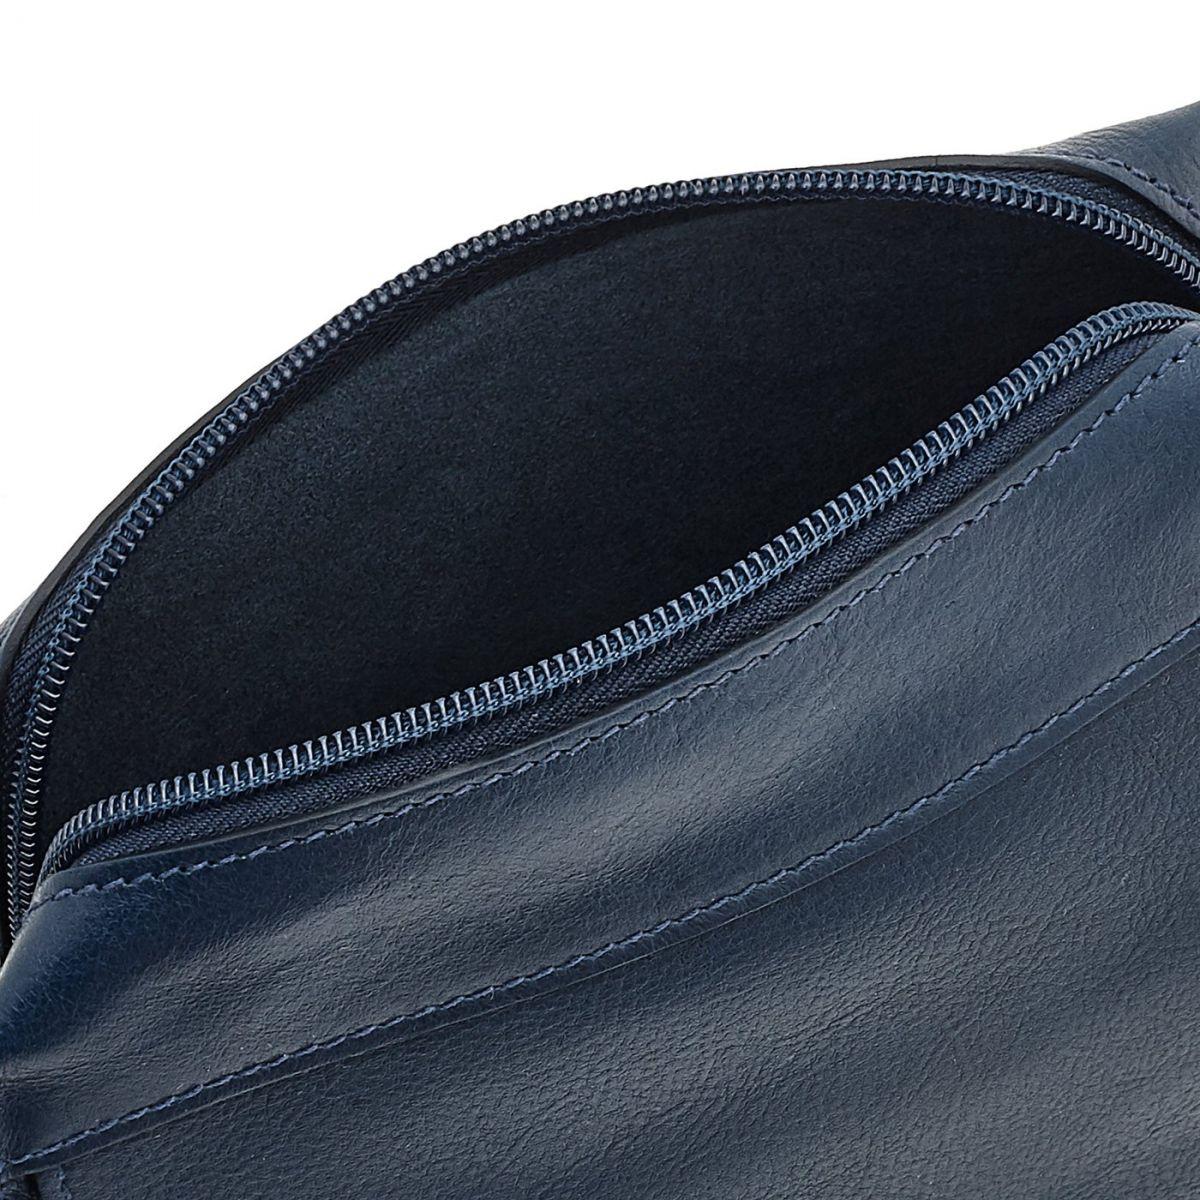 Sac Bandouliere pour Femme Salina en Cuir De Vachette BCR174 couleur Bleu | Details